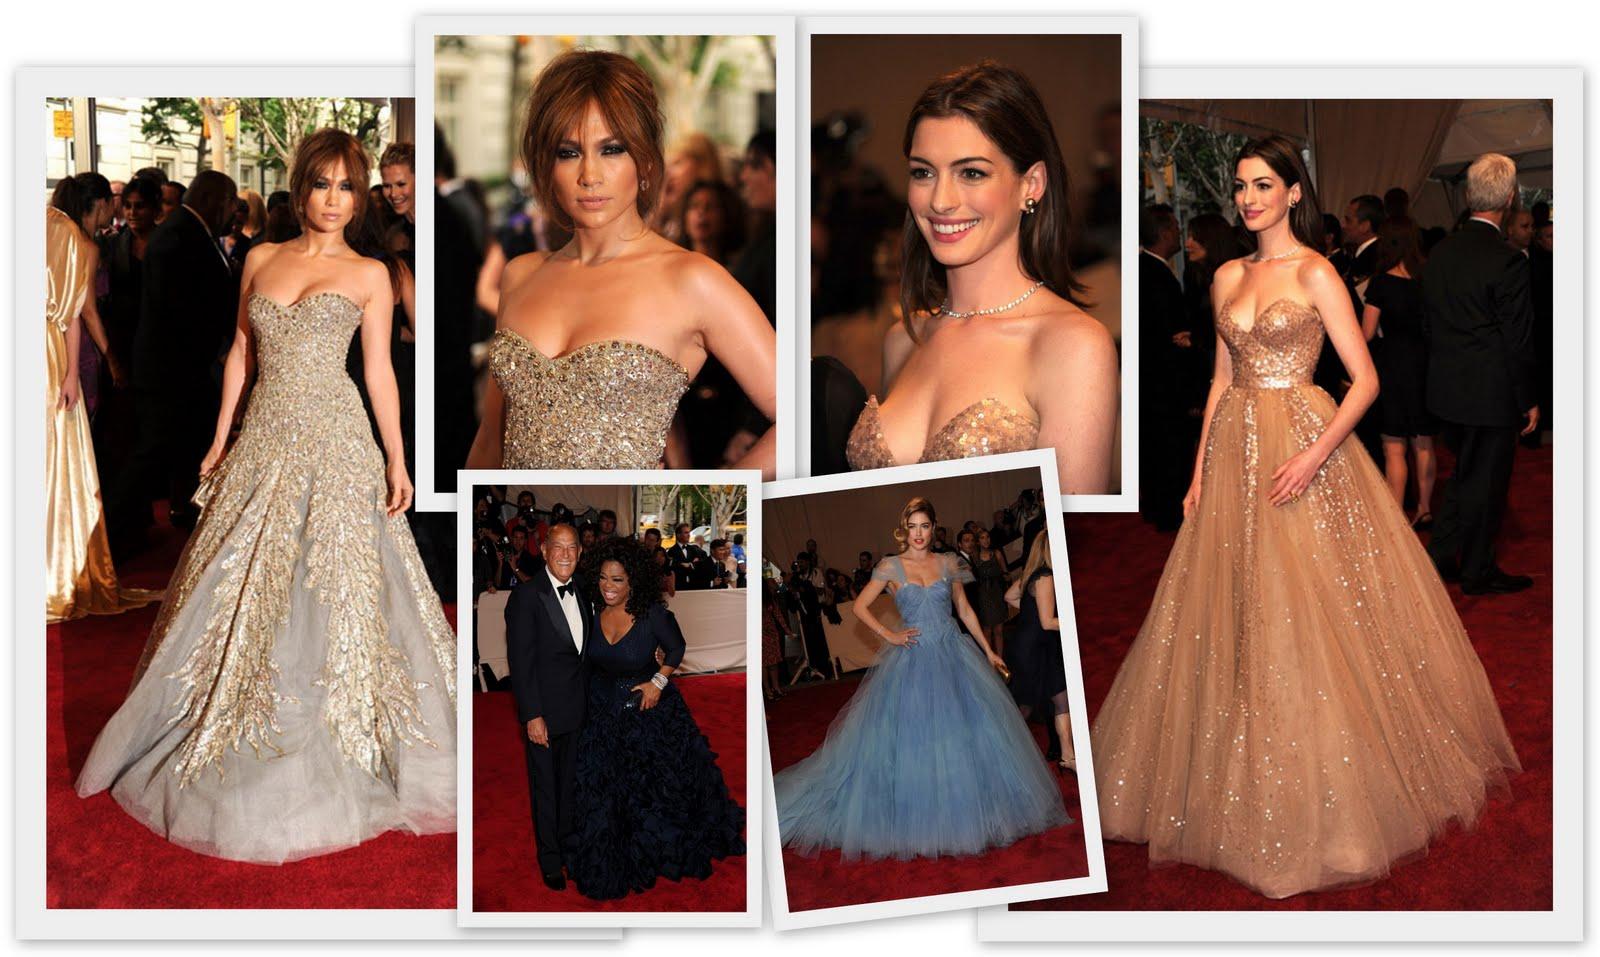 http://1.bp.blogspot.com/_WWnPzvrYRRQ/S-AmX3qHXJI/AAAAAAAACuQ/BT0DLwdPJ1Q/s1600/Pictures7.jpg